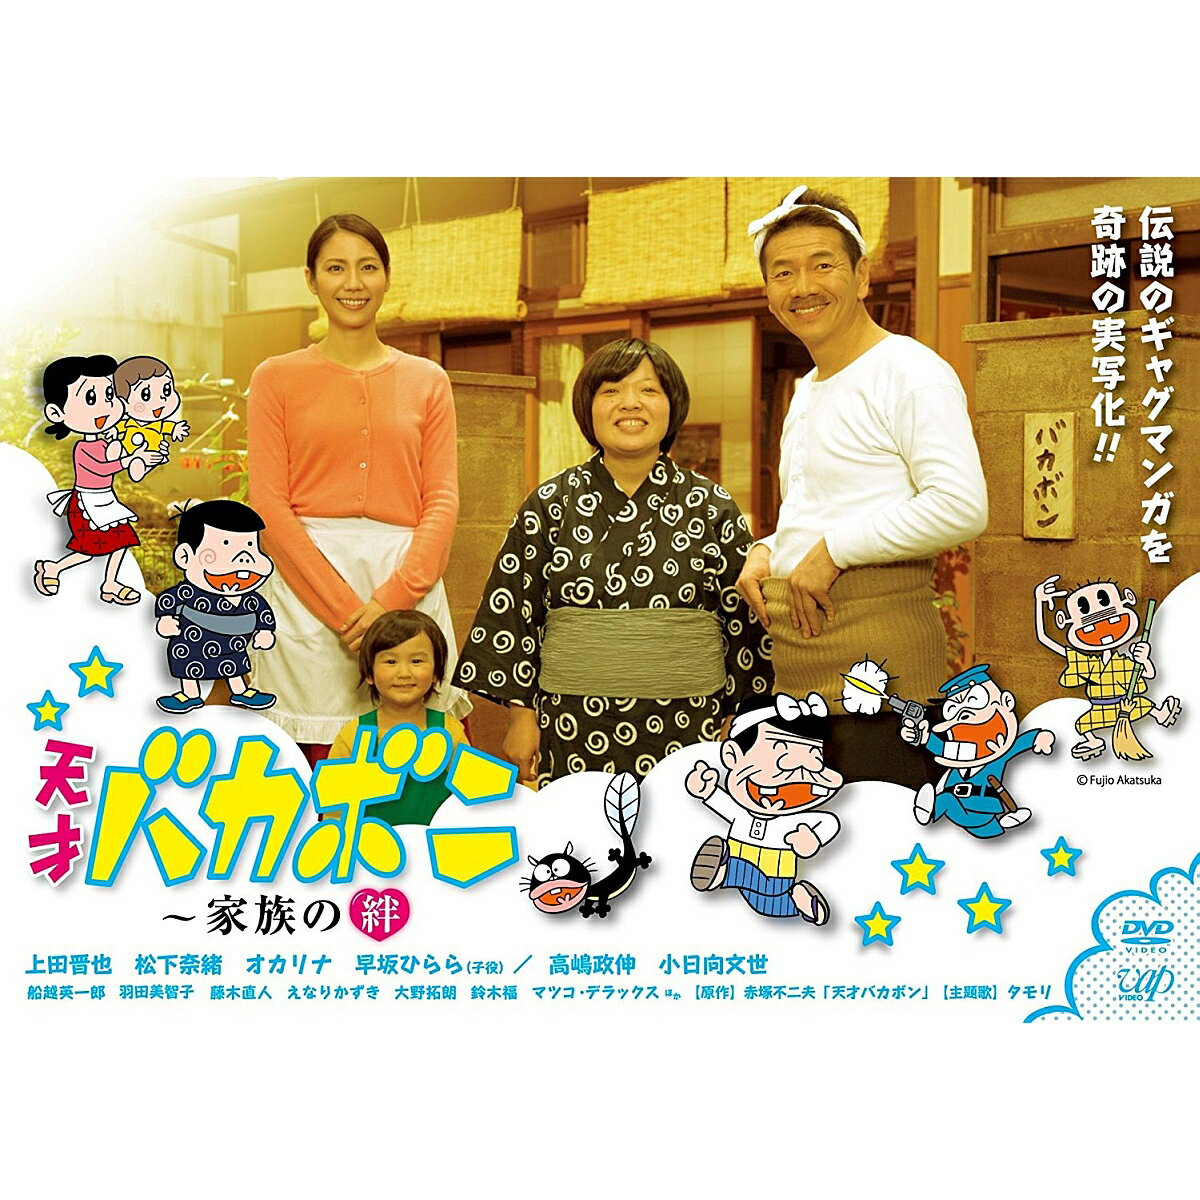 天才バカボン 〜家族の絆画像